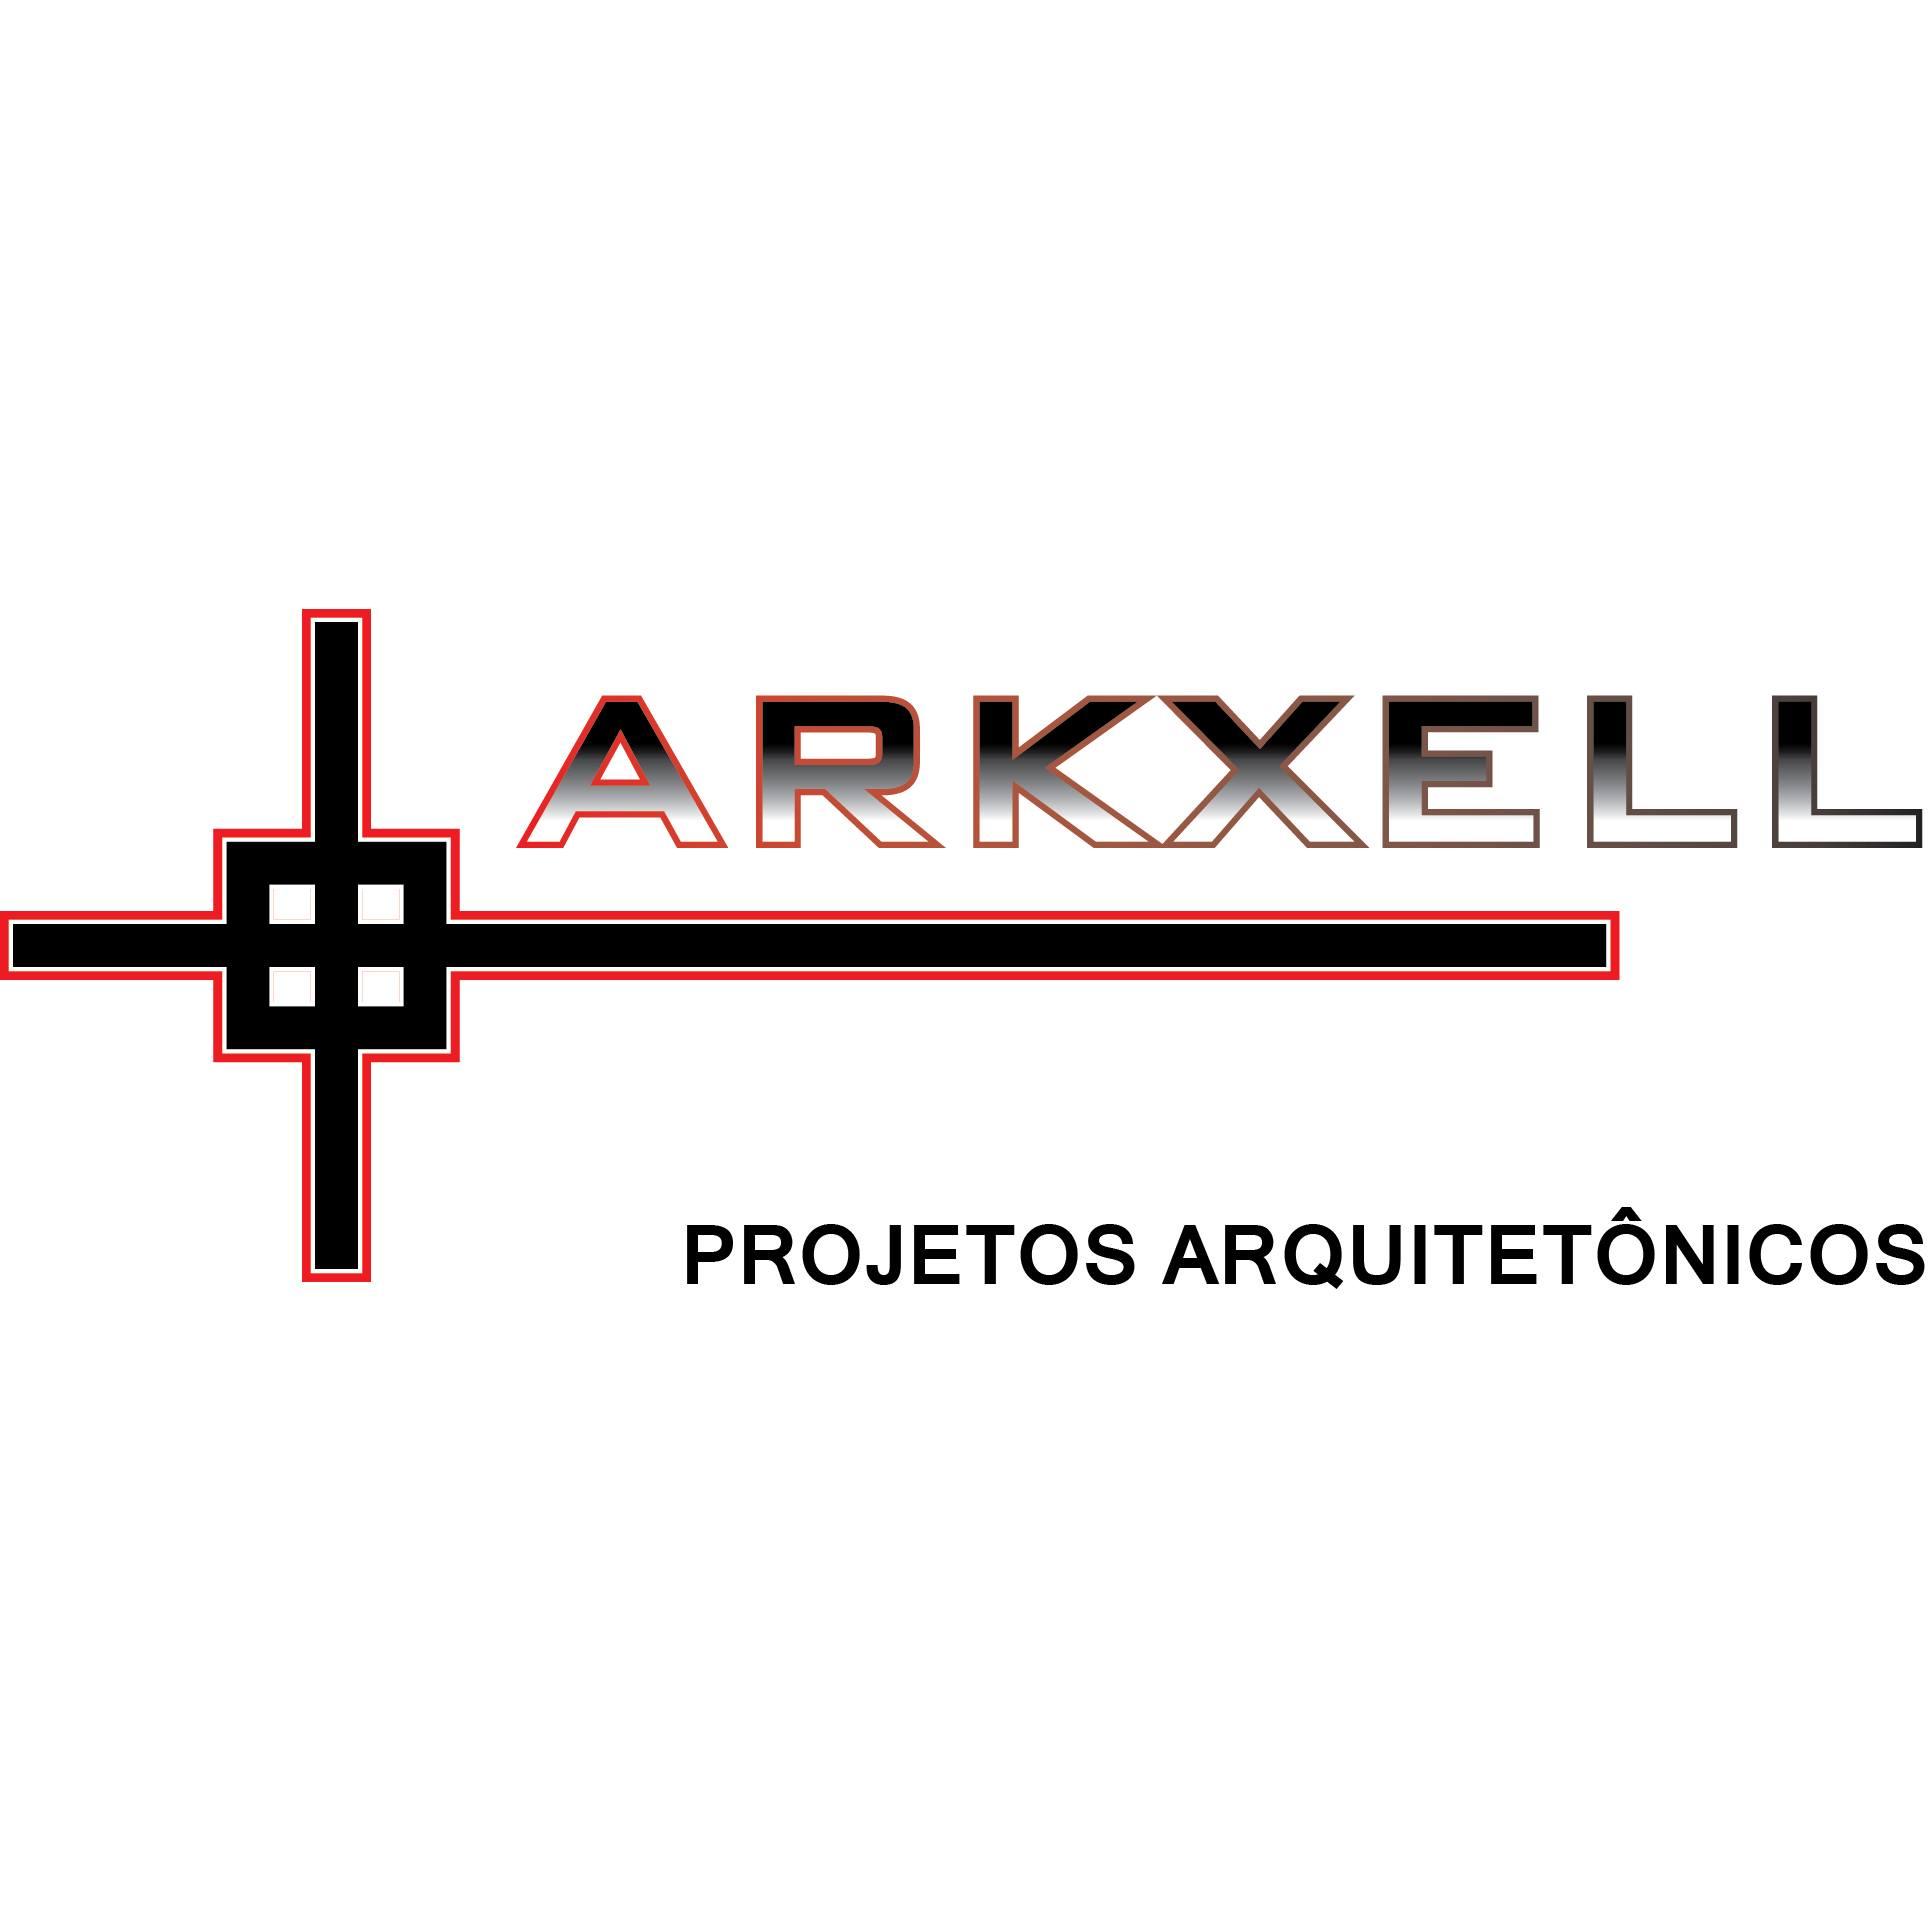 Logo da empresa ARKXELL - Projetos Arquitetônicos